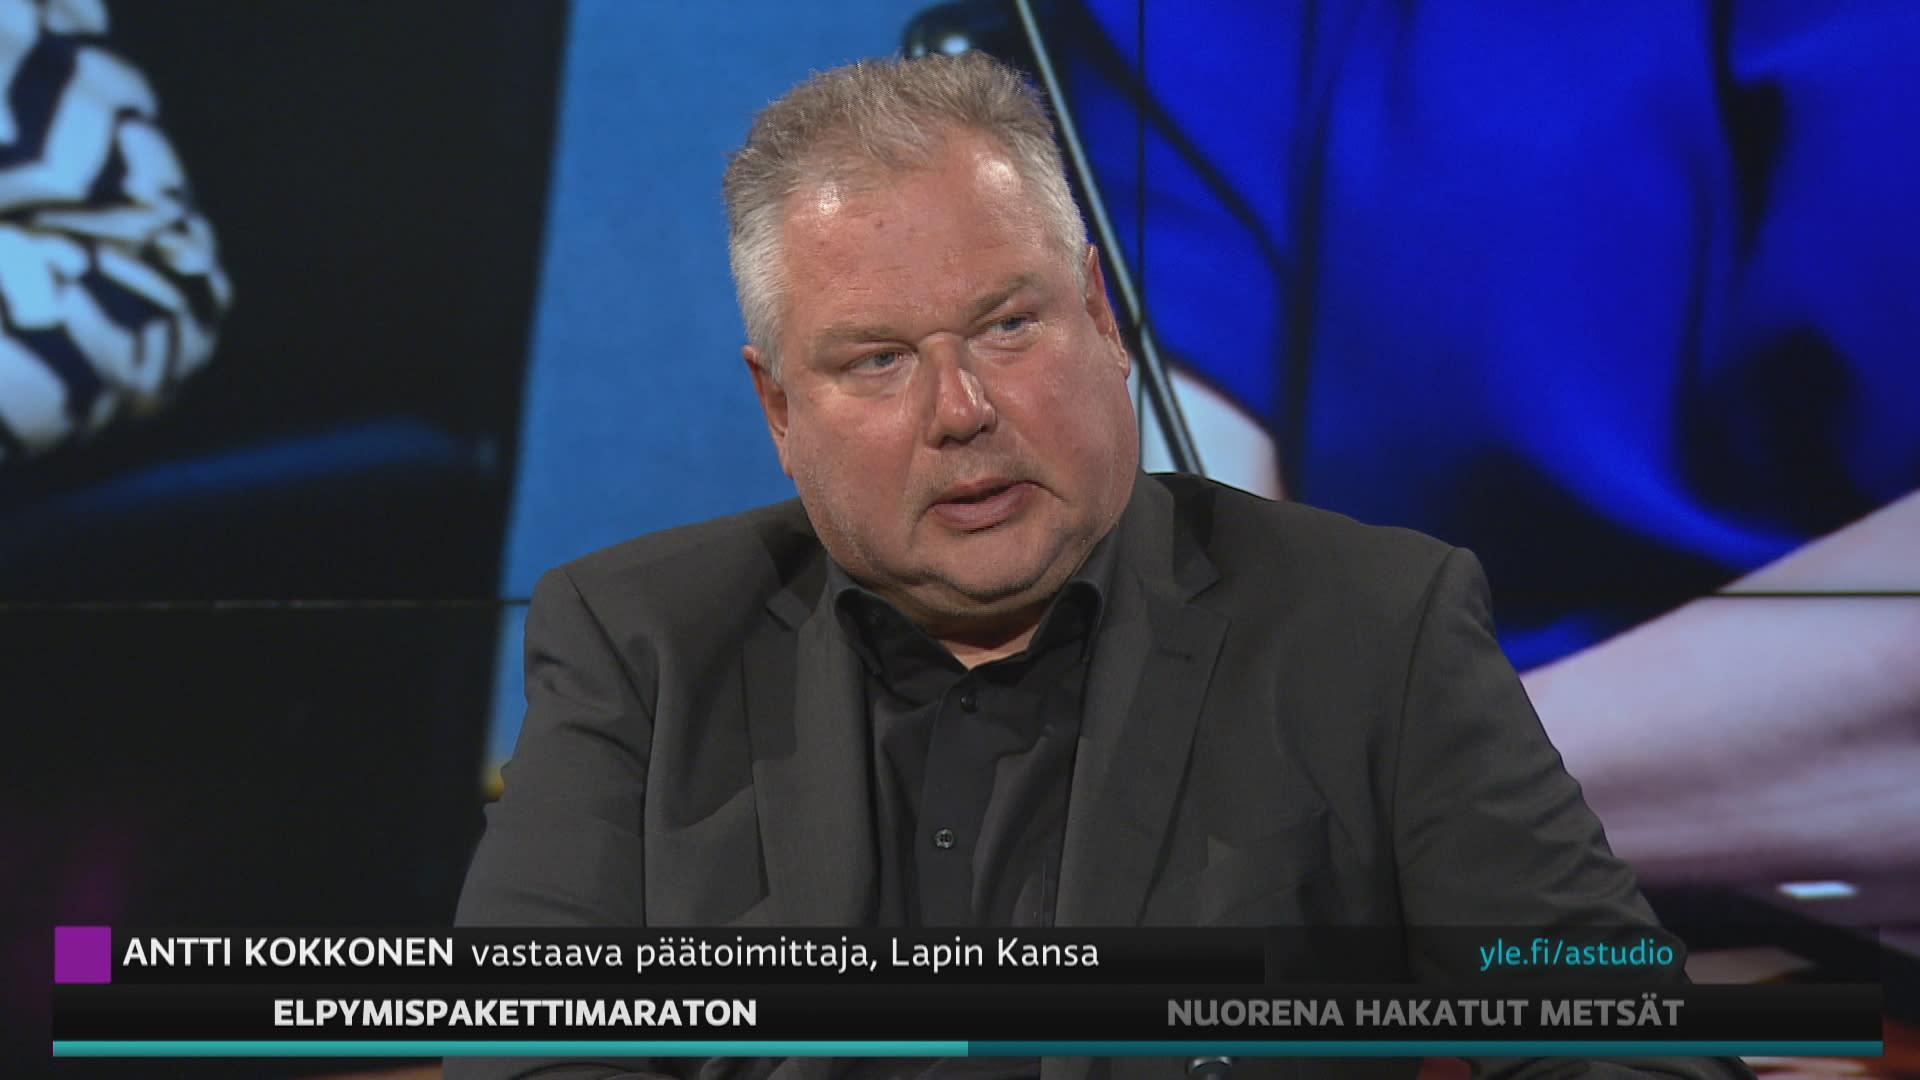 Lapin Kansan vastaava päätoimittaja Antti Kokkonen A-studiossa.